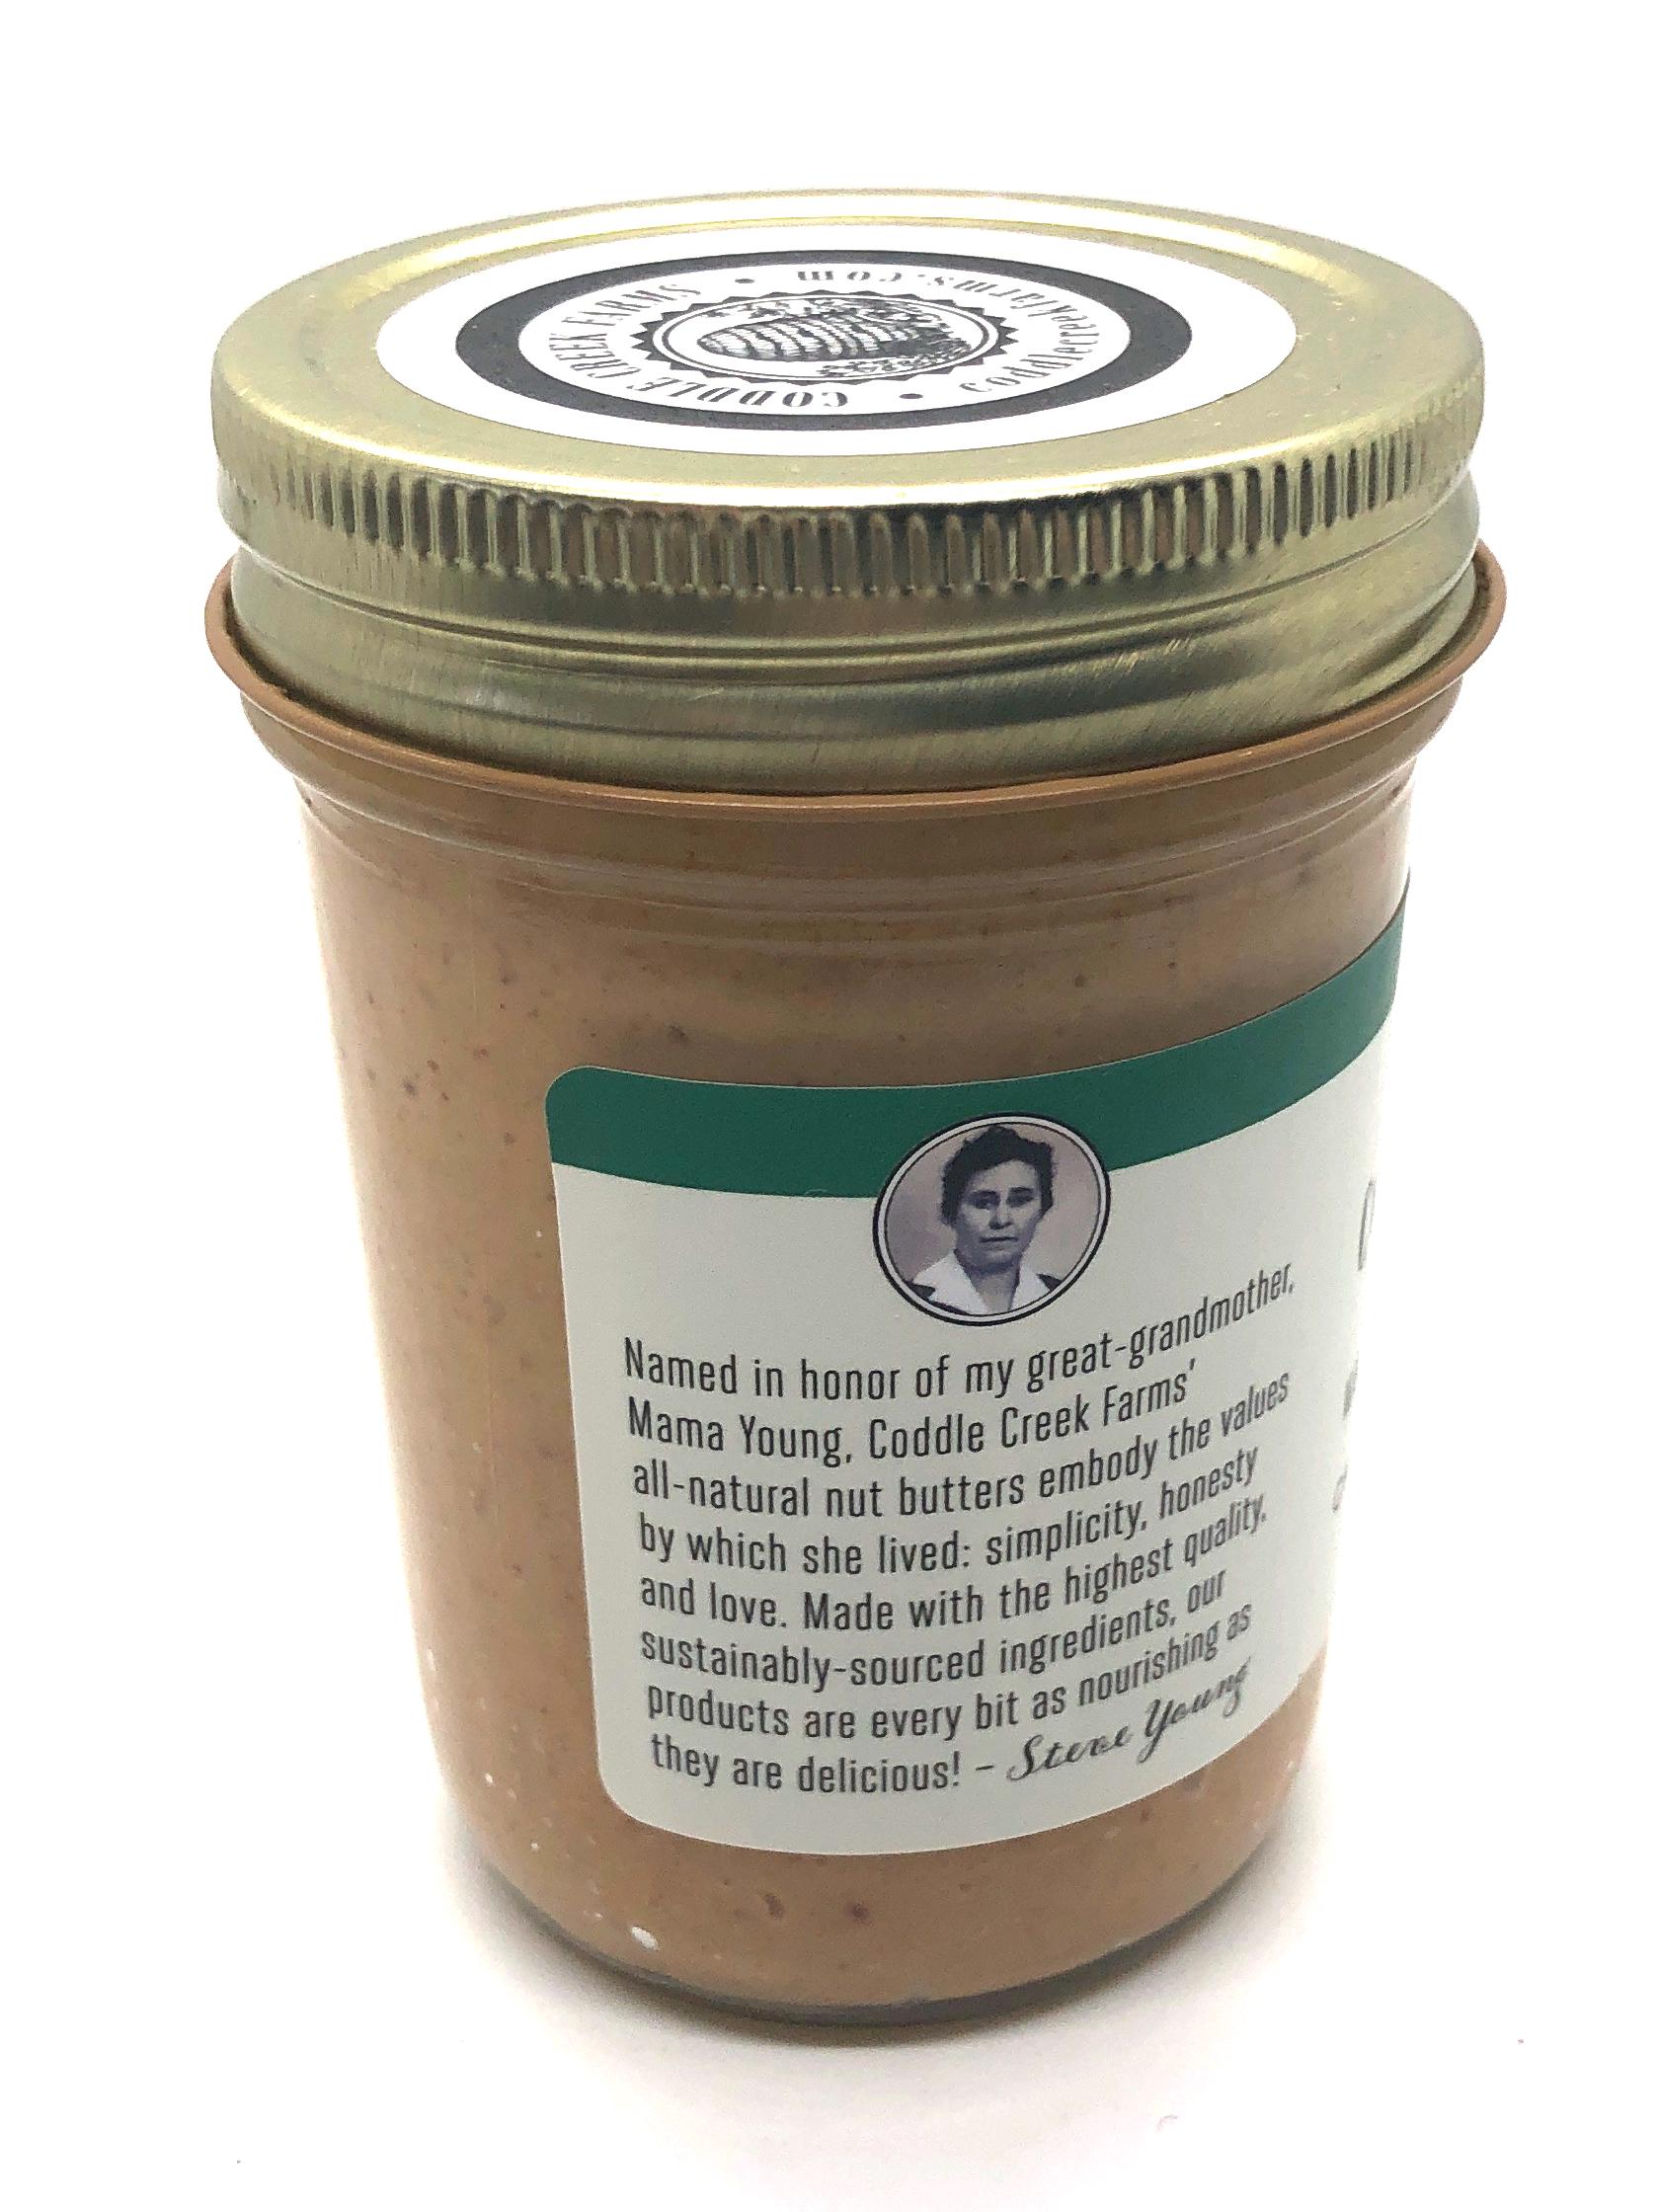 Coddle Creek Farms Peanut Butter